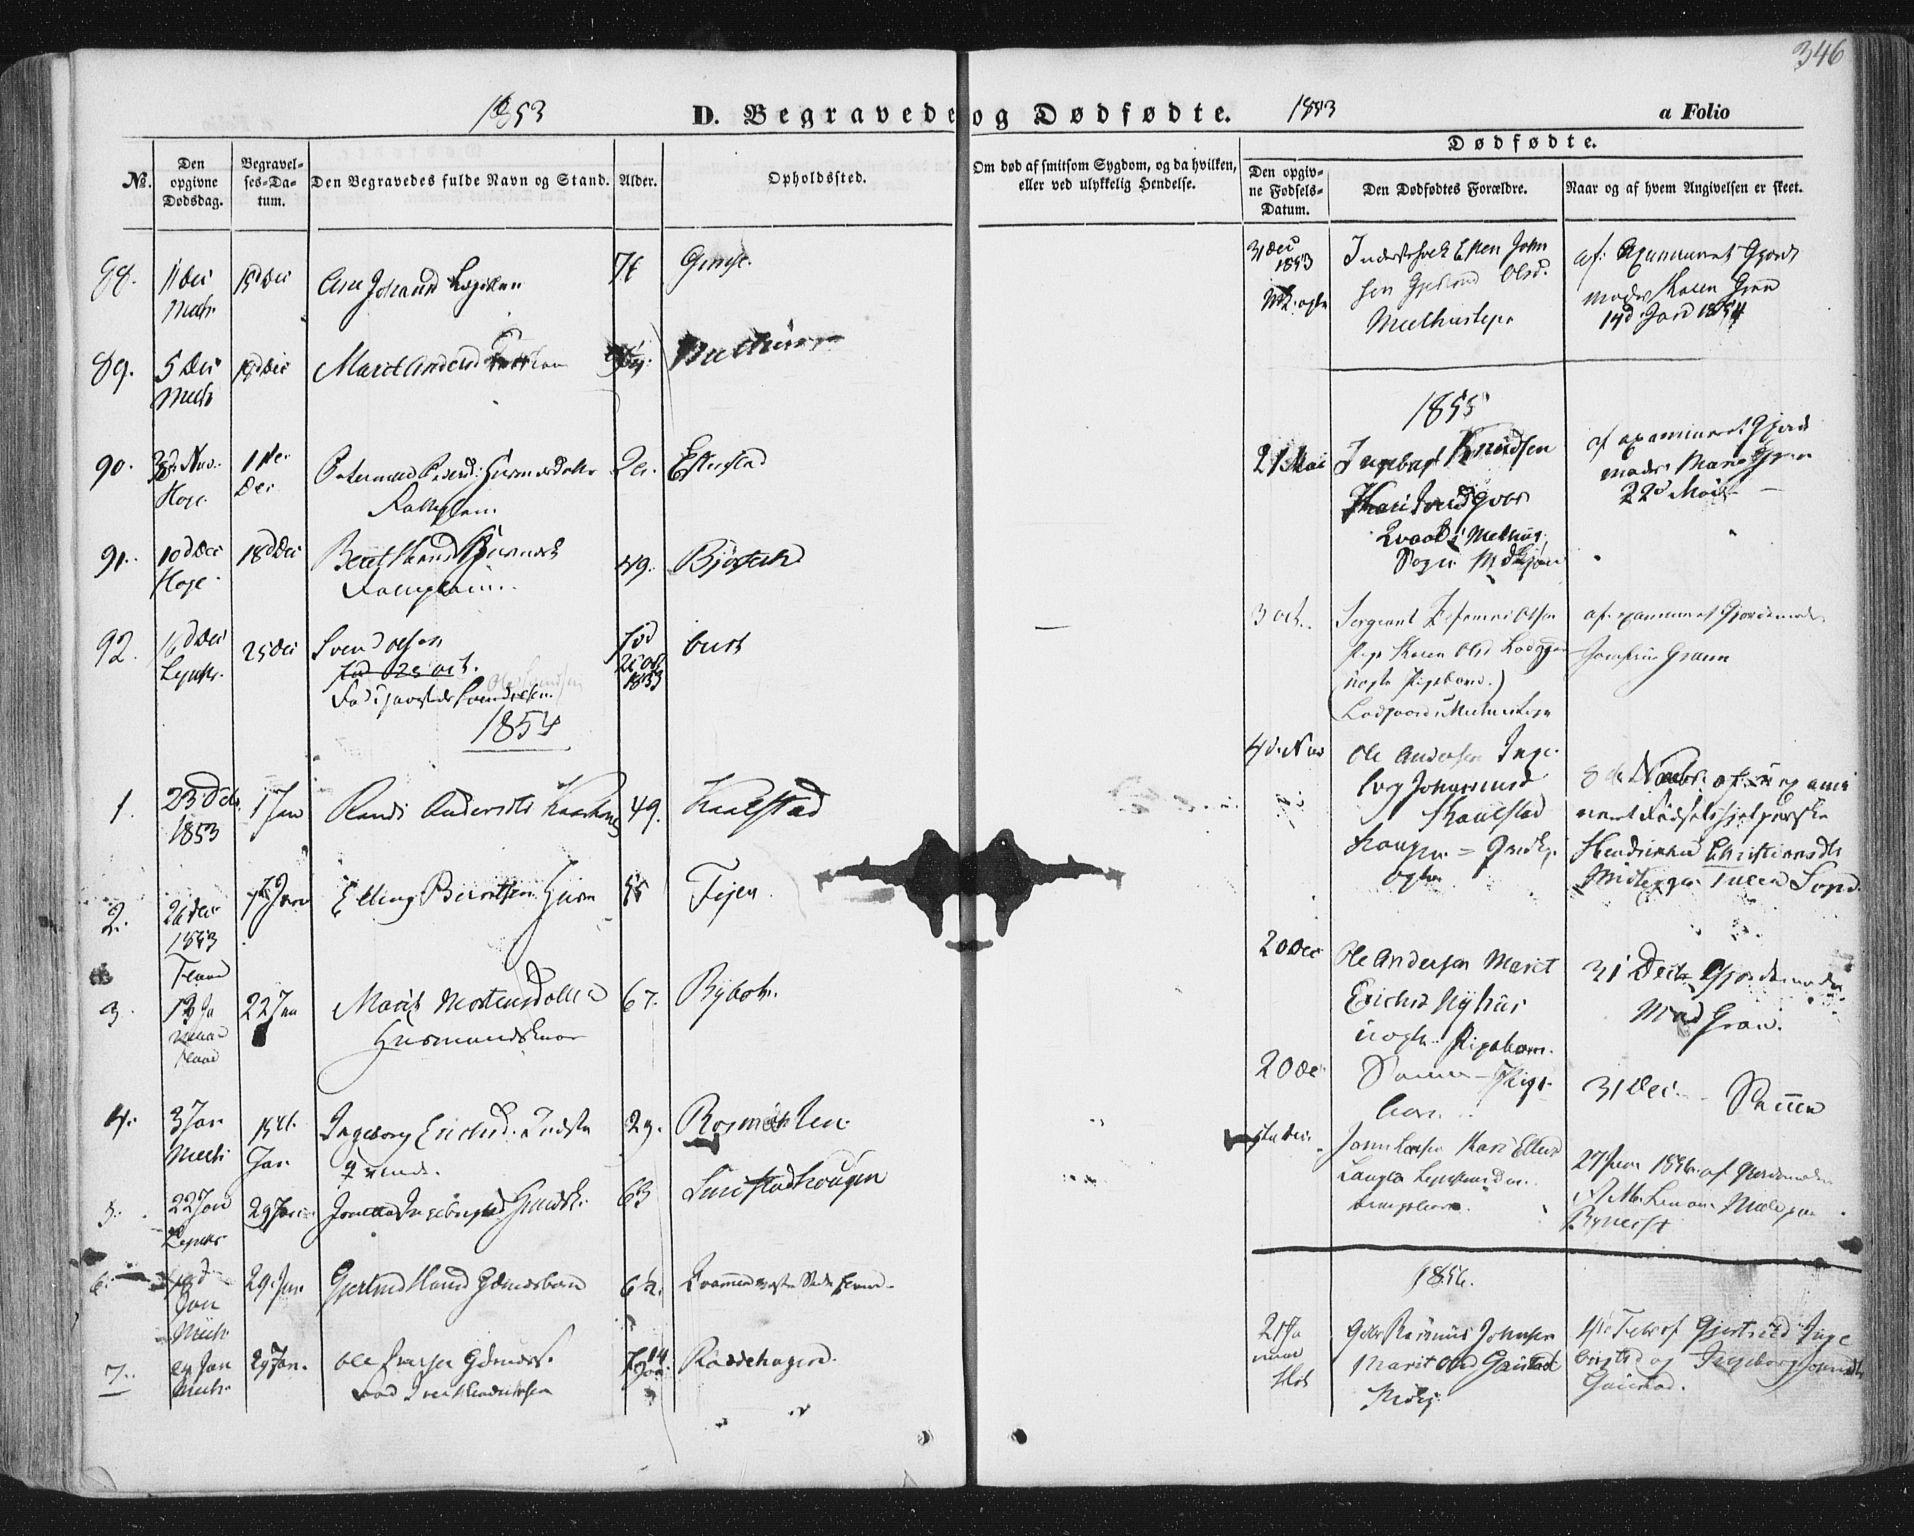 SAT, Ministerialprotokoller, klokkerbøker og fødselsregistre - Sør-Trøndelag, 691/L1076: Ministerialbok nr. 691A08, 1852-1861, s. 346